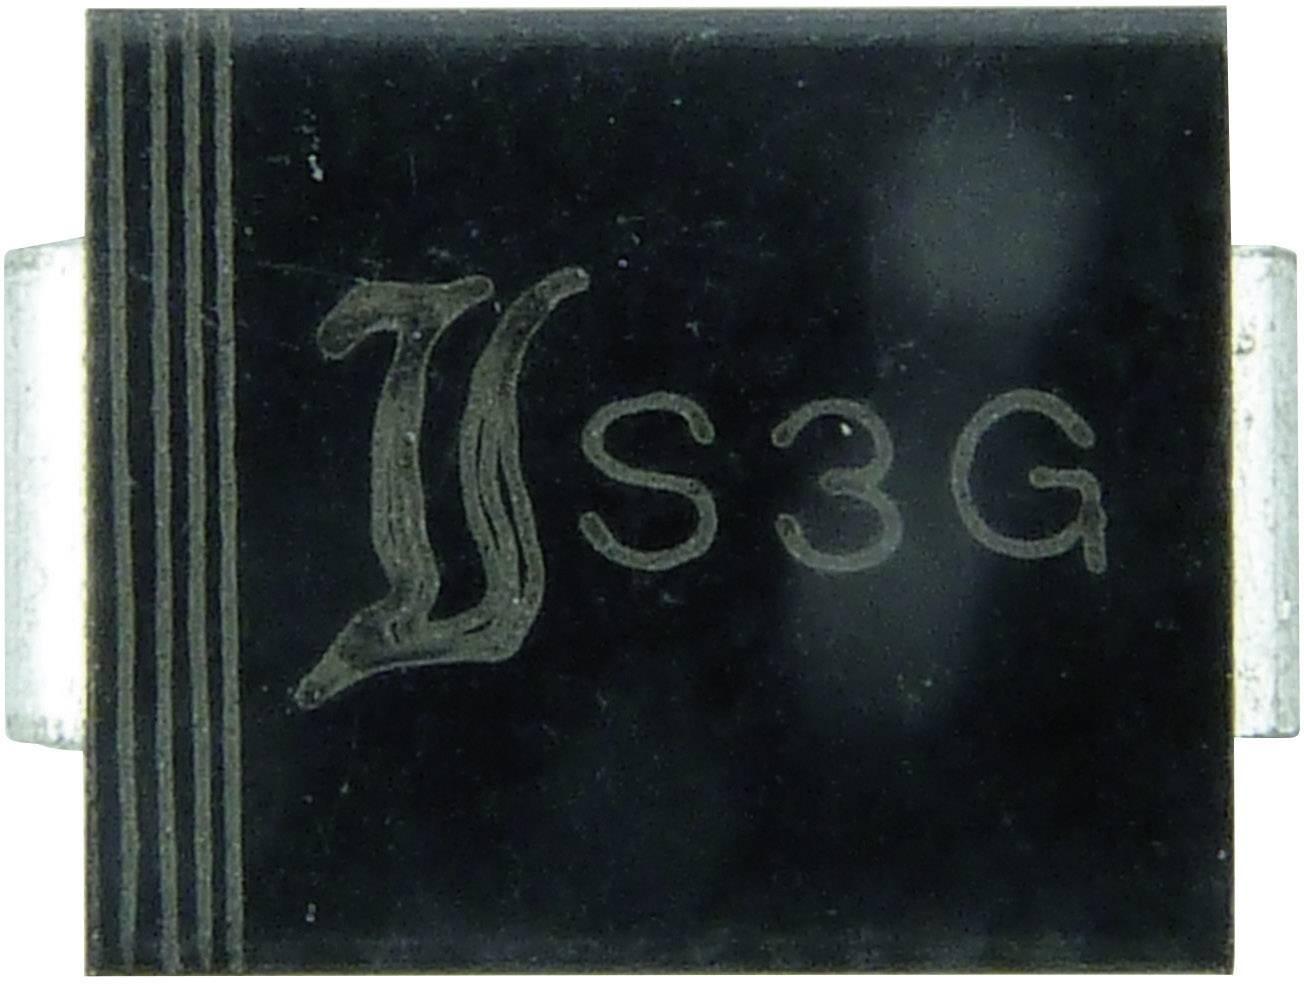 Zenerova dioda Diotec Z3SMC91, U(zen) 91 V